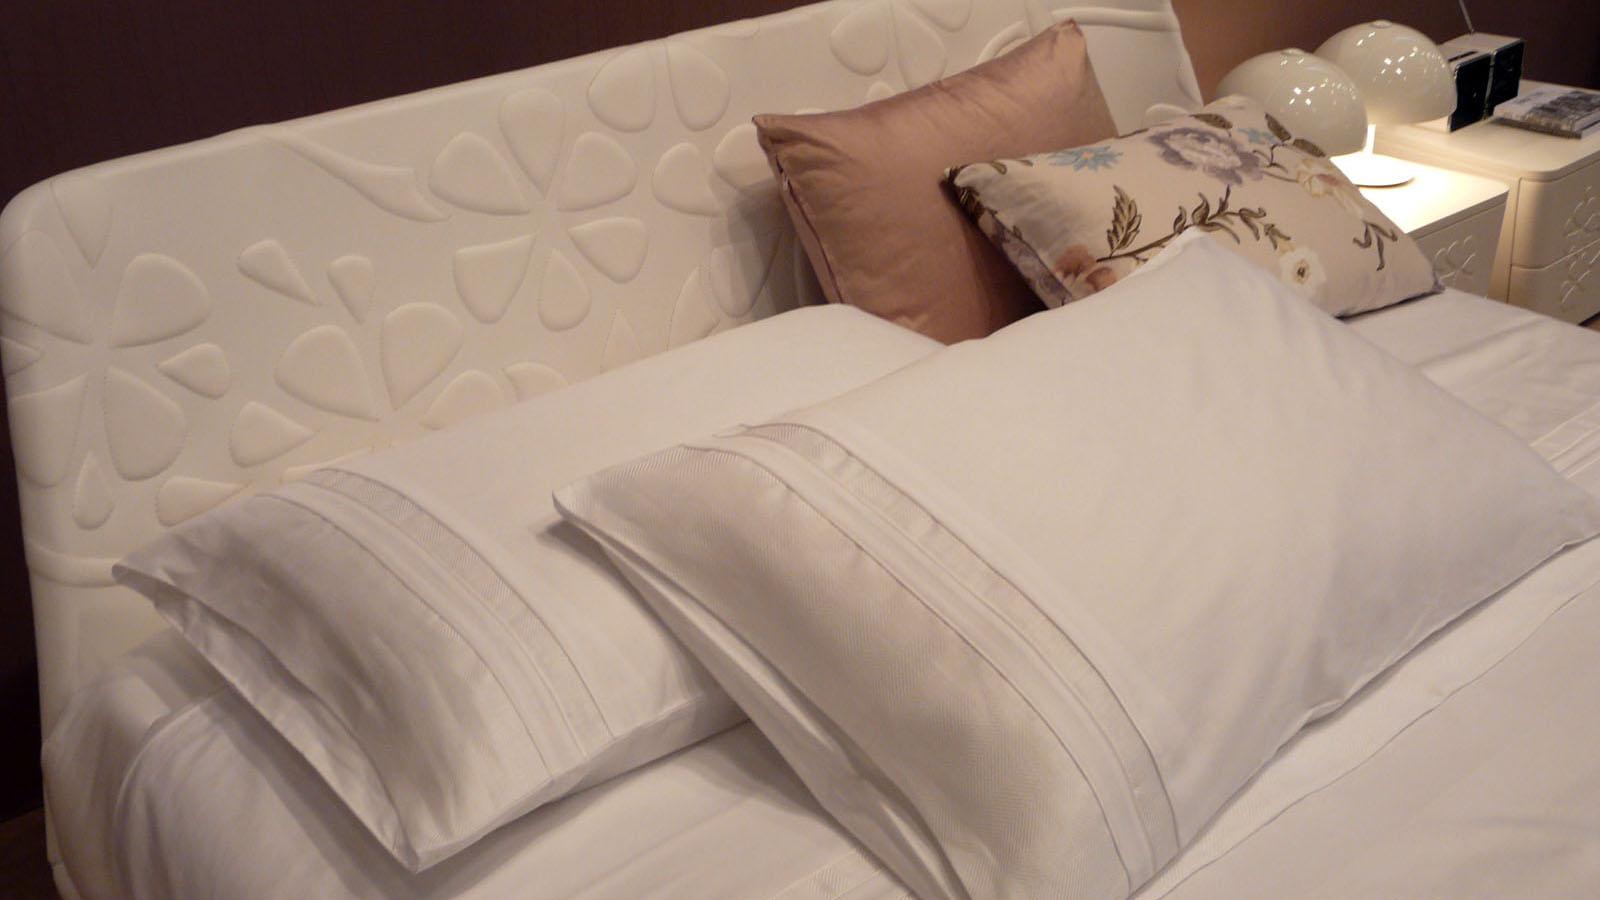 boreale-bed-collection-ciacci-letto